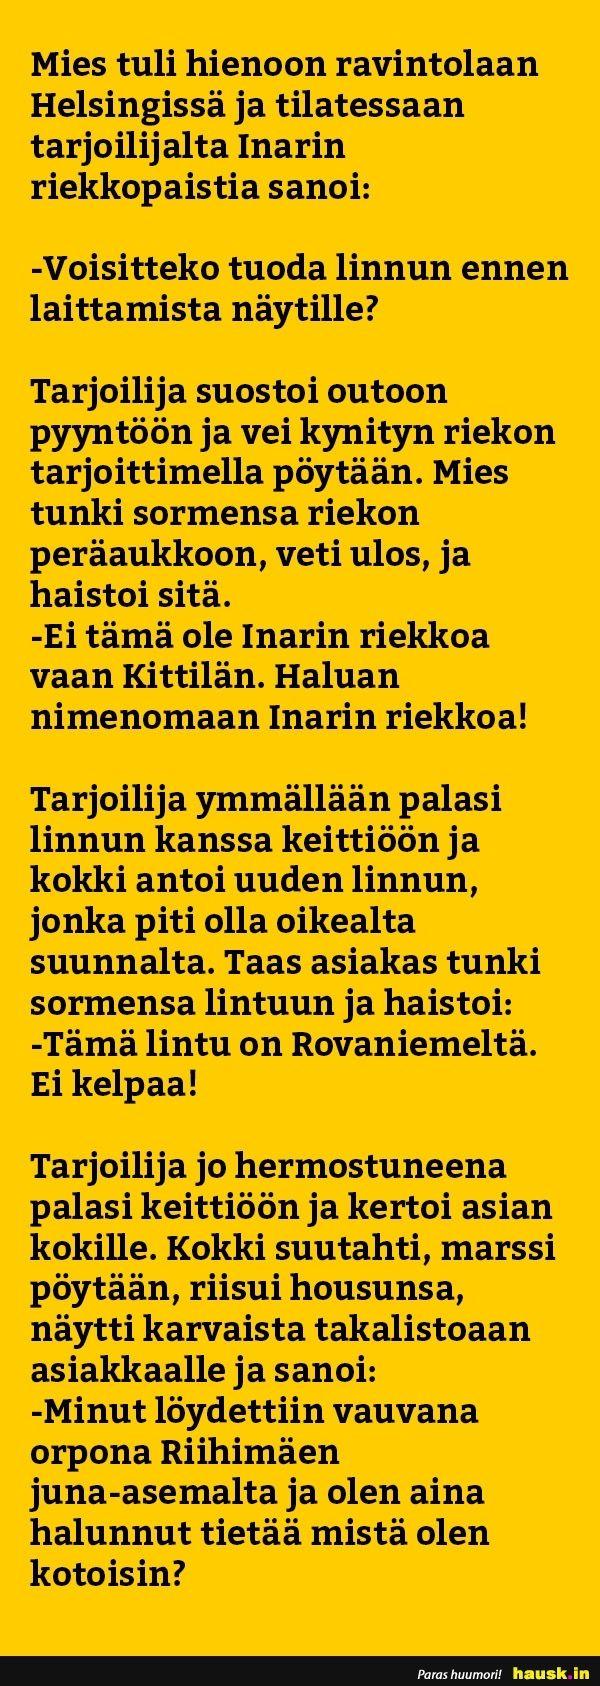 Mies tuli hienoon ravintolaan Helsingissä ja... - HAUSK.in